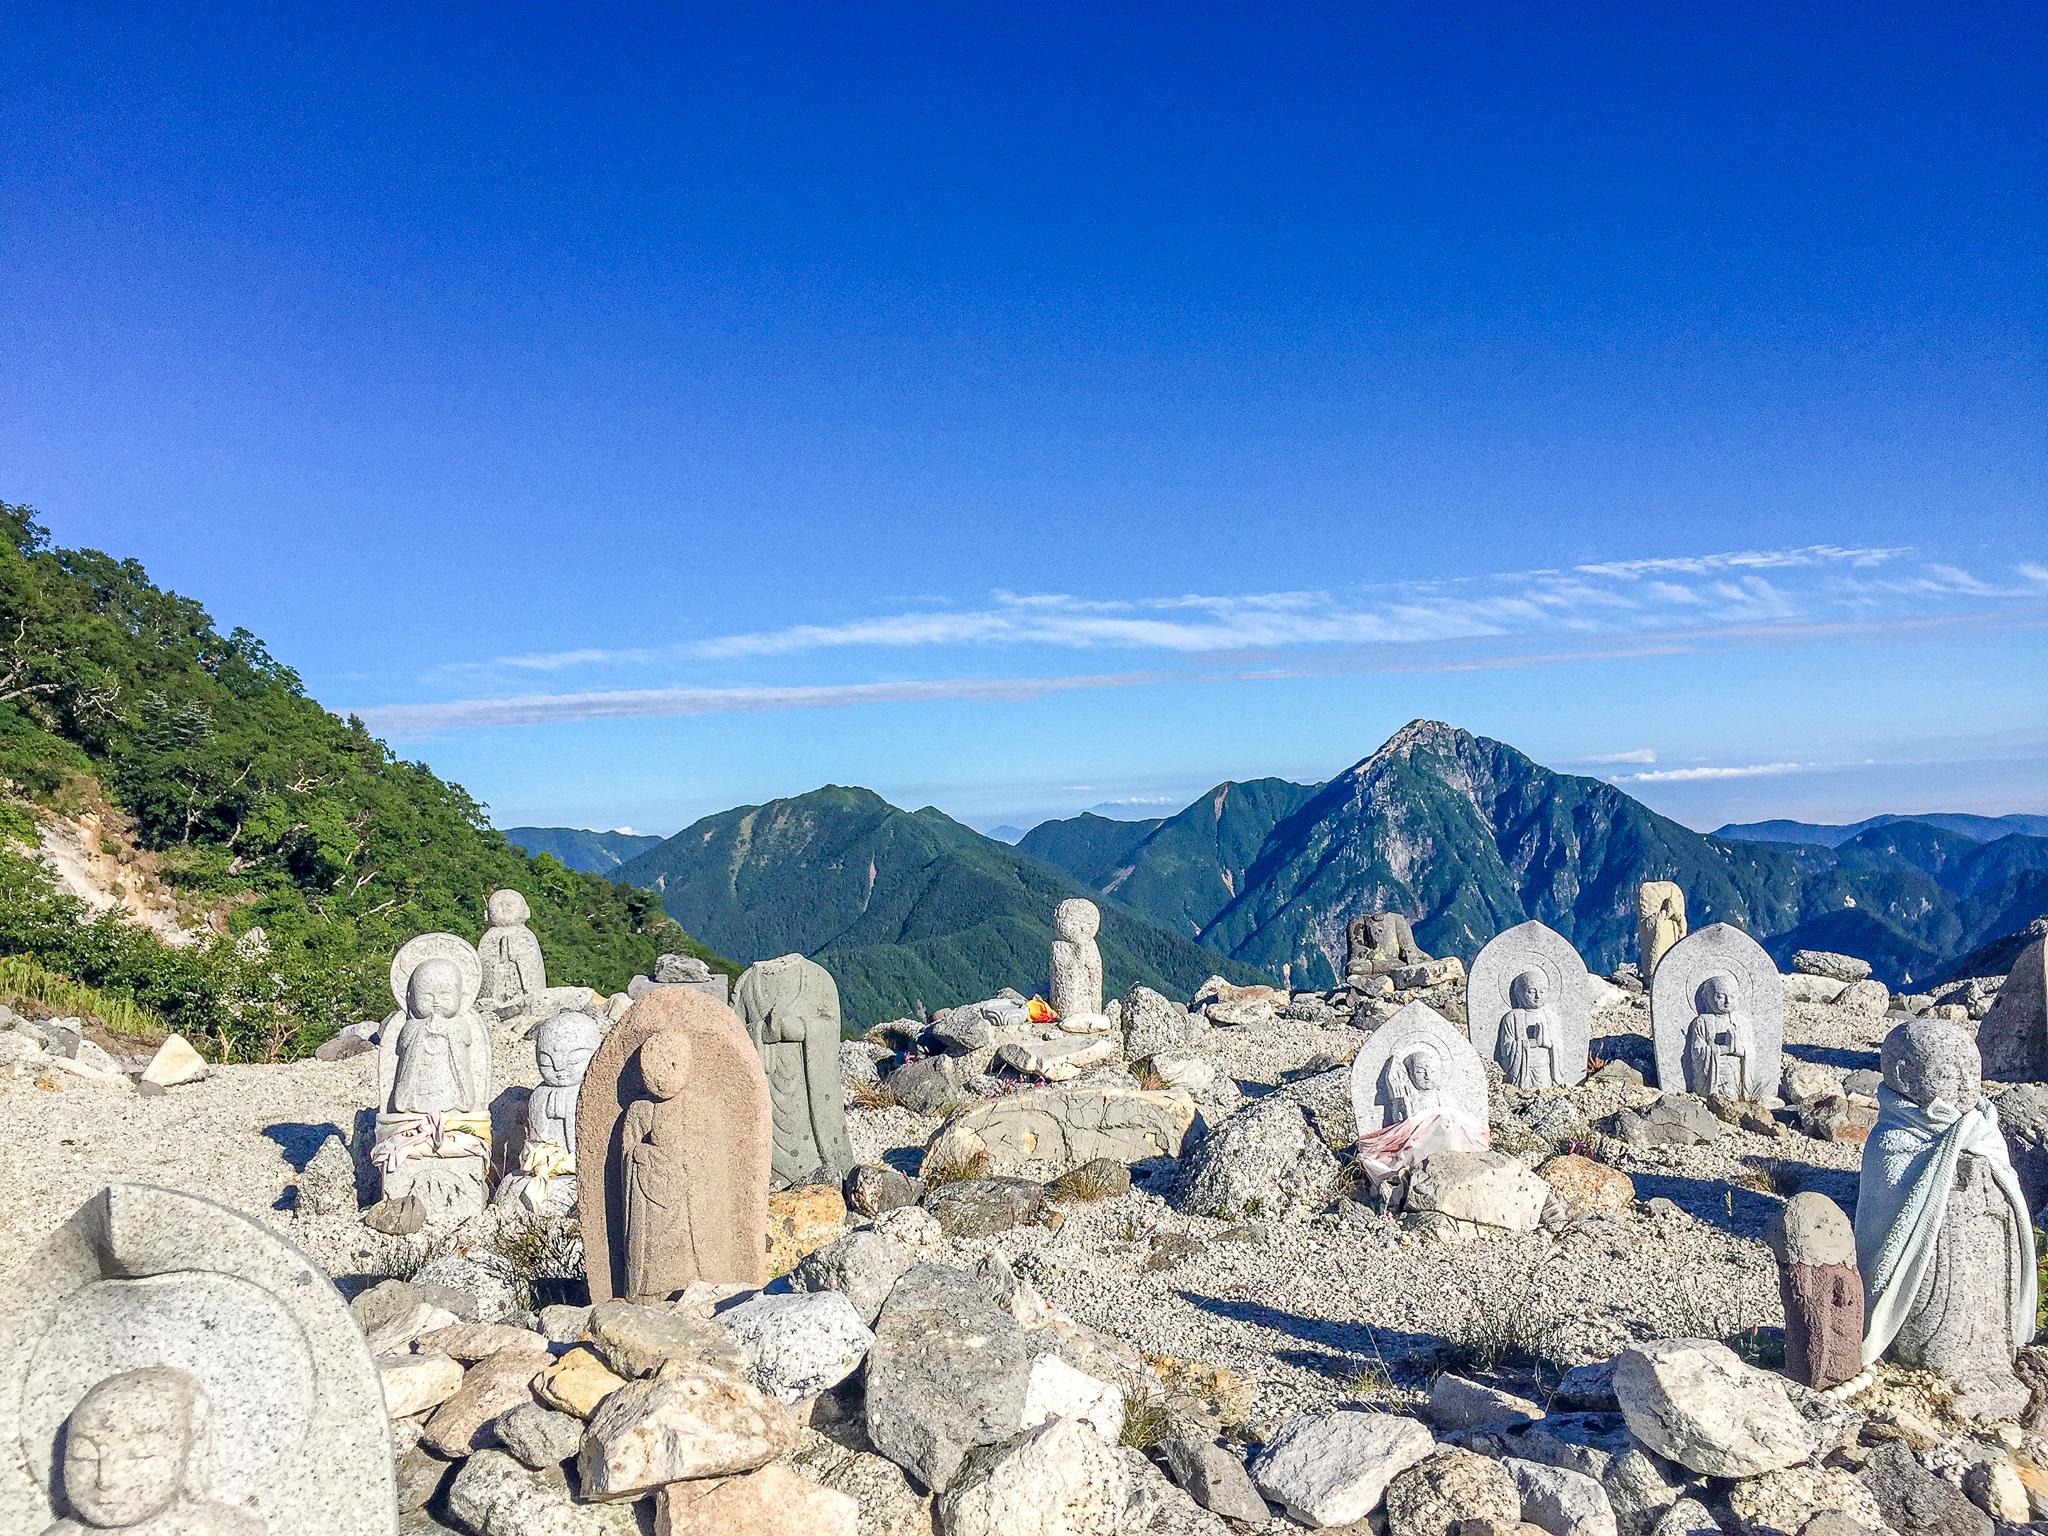 鳳凰三山・地蔵岳・賽ノ河原からの甲斐駒ヶ岳、仙丈ケ岳